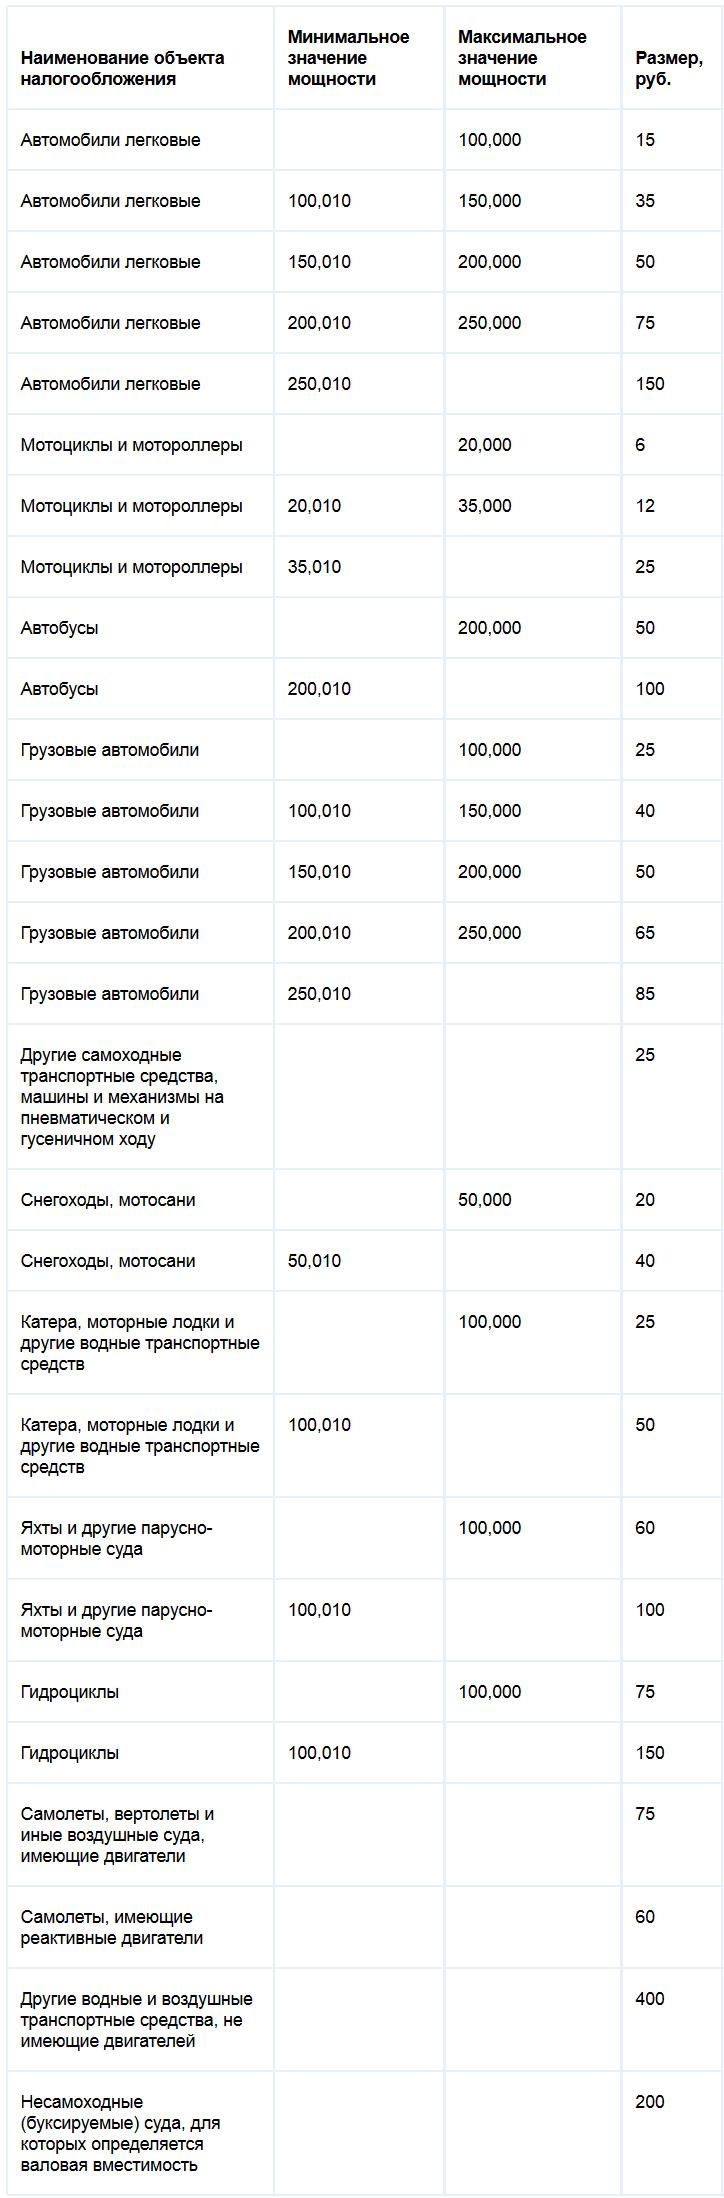 Компенсации пенсии военным пенсионерам